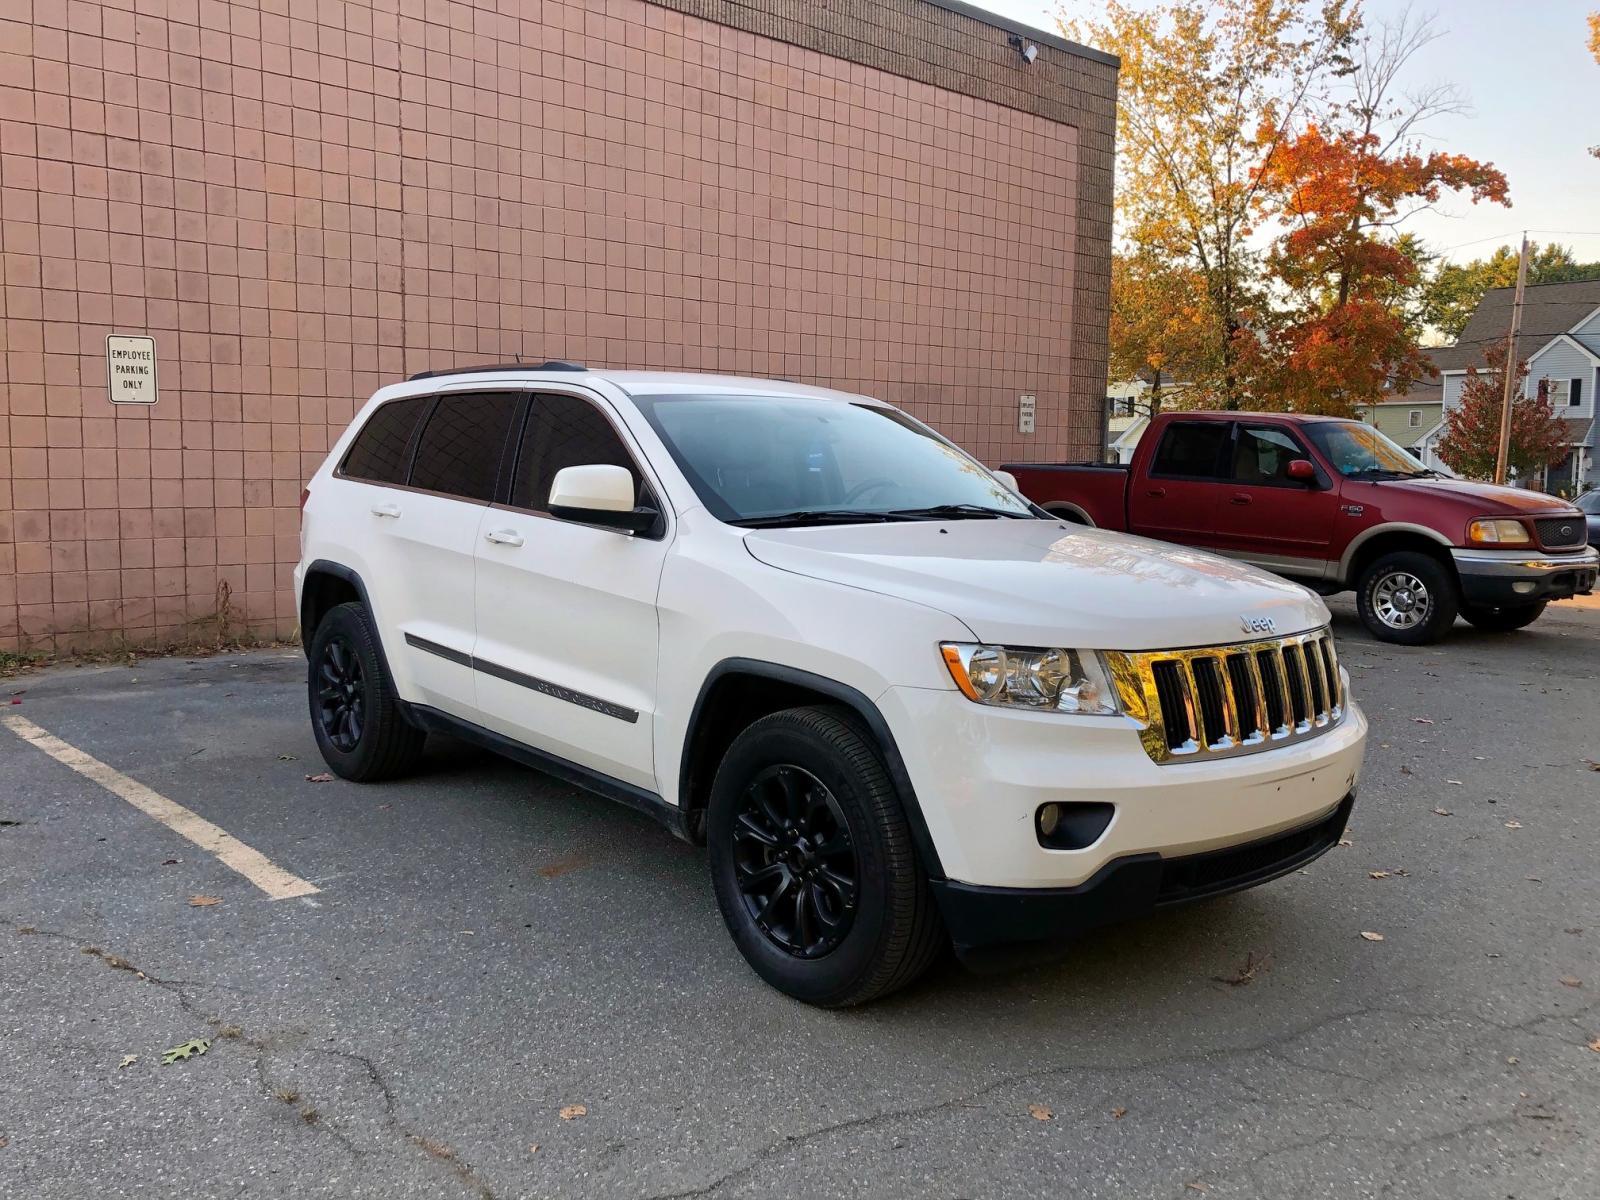 1J4RR4GGXBC525697 - 2011 Jeep Grand Cher 3.6L Left View